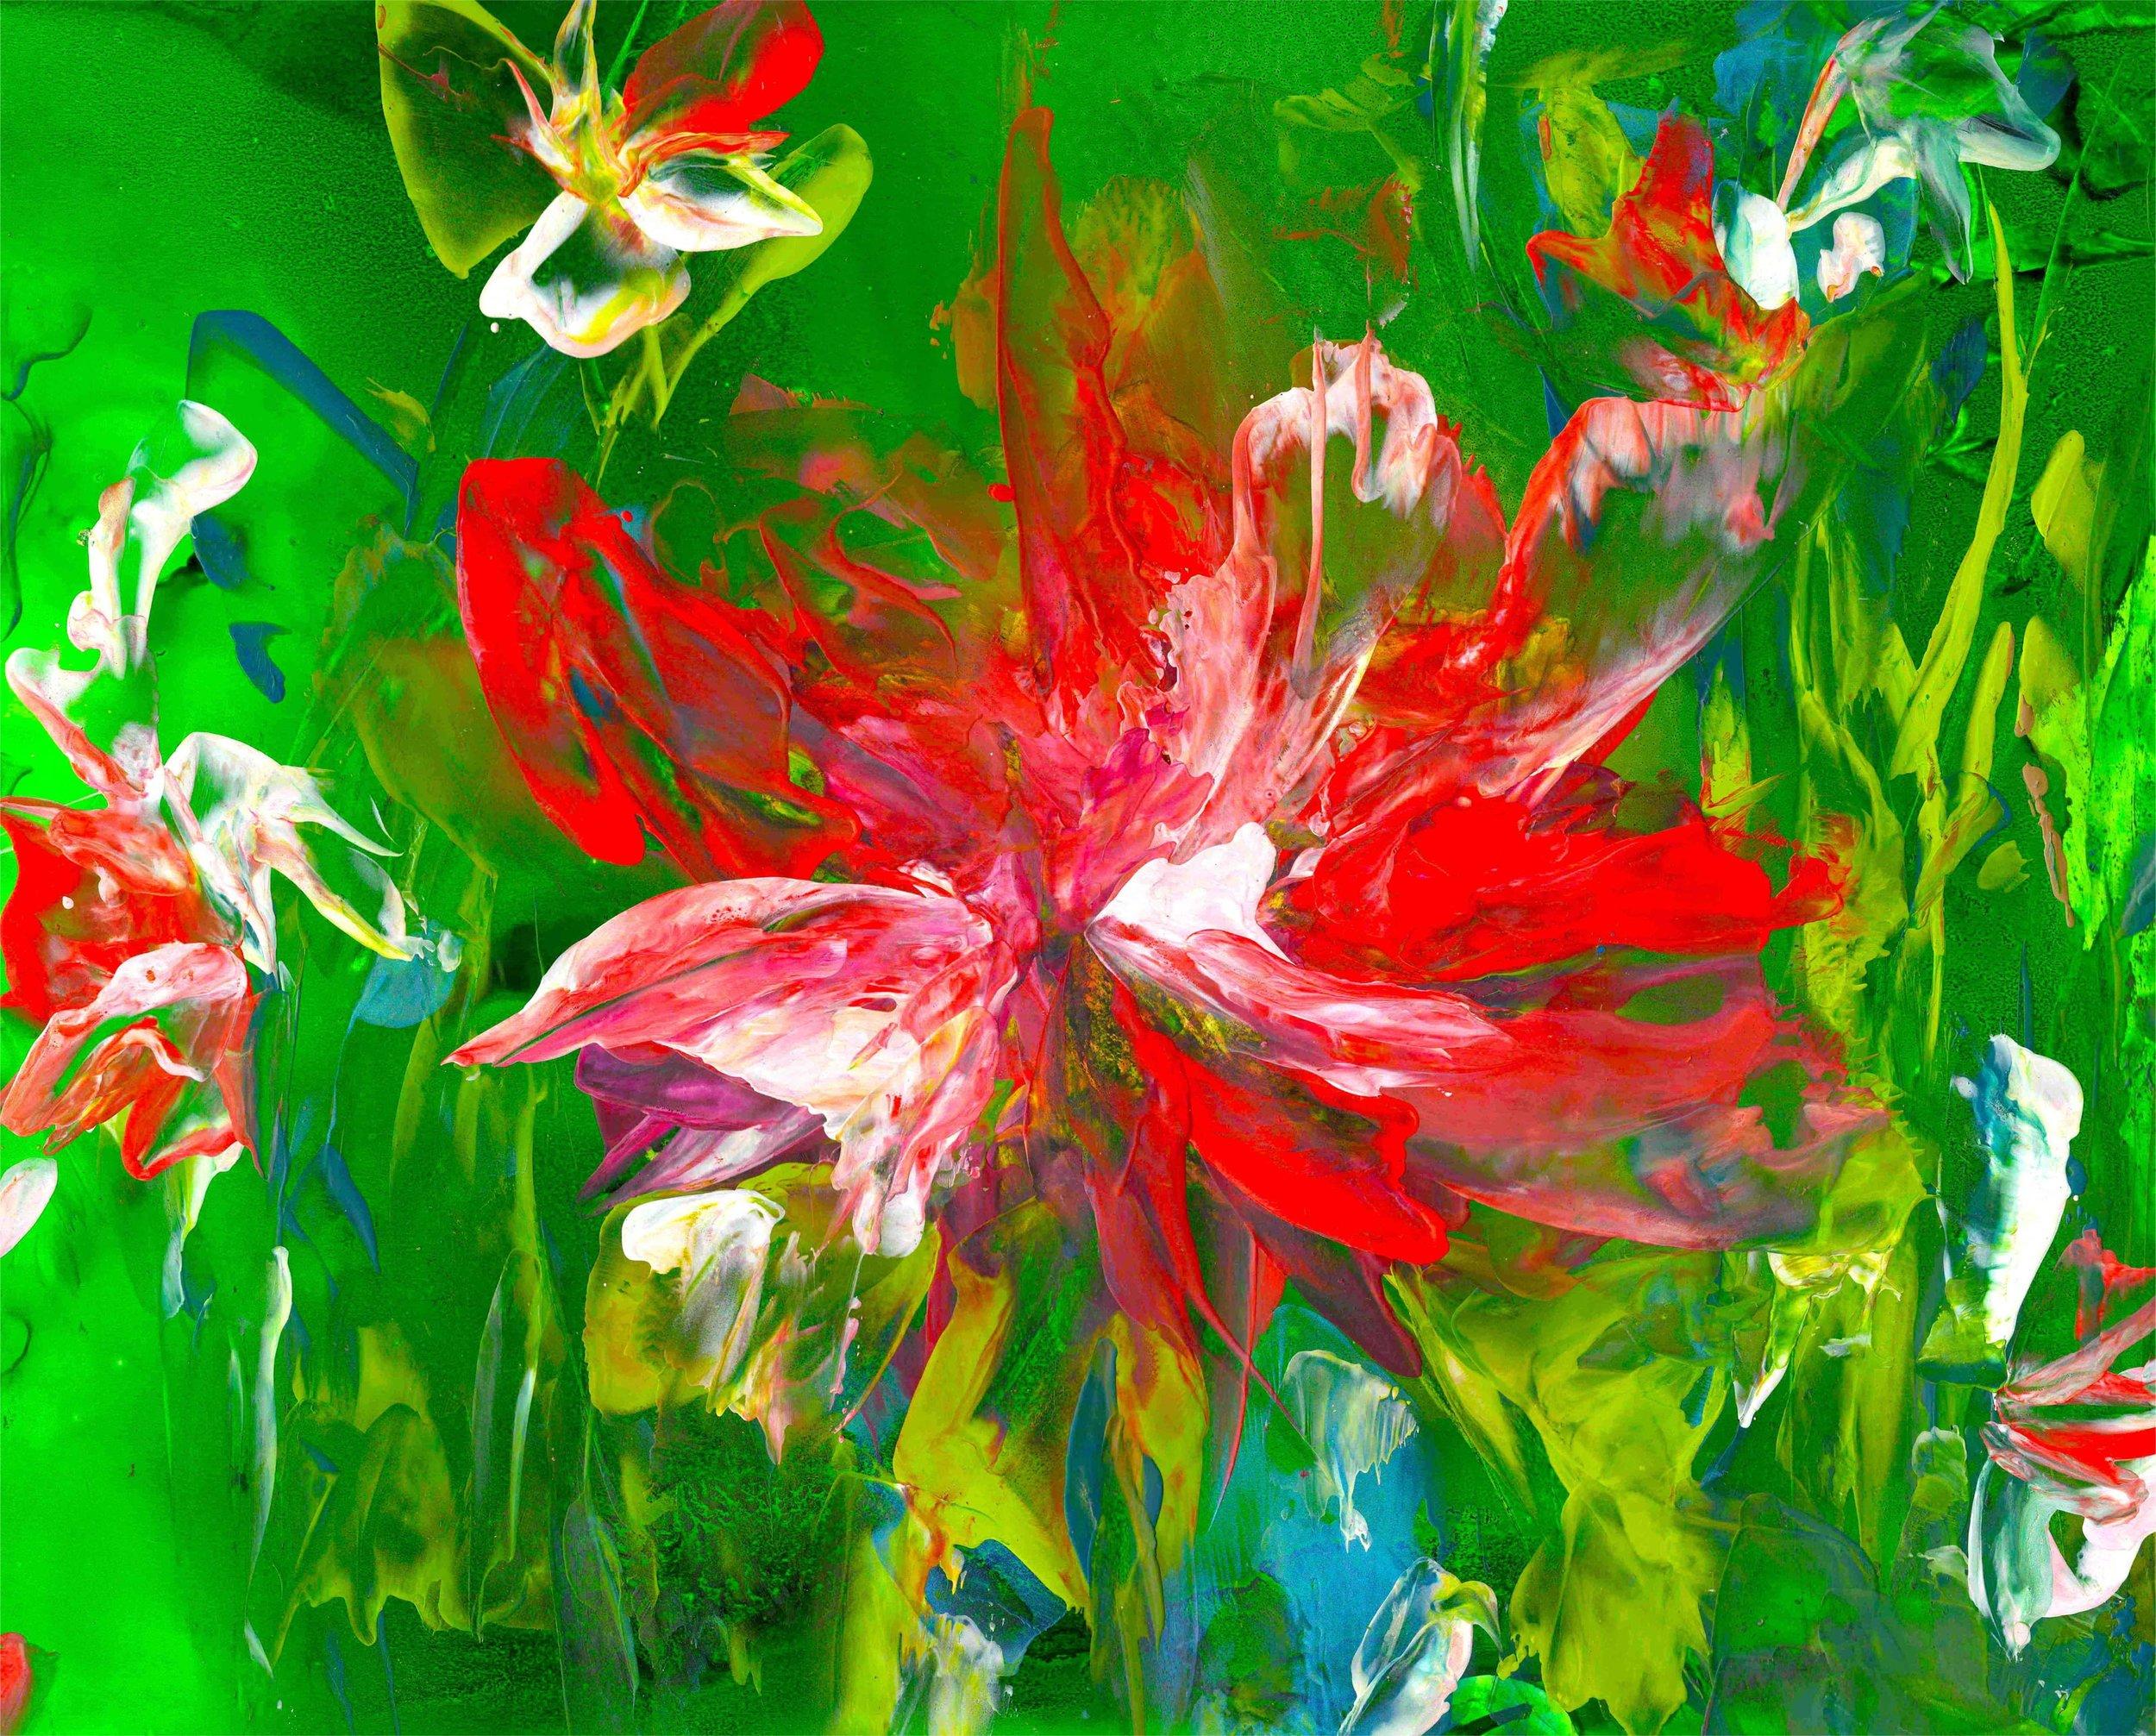 Poinsettia-Fantasy-Party.jpg